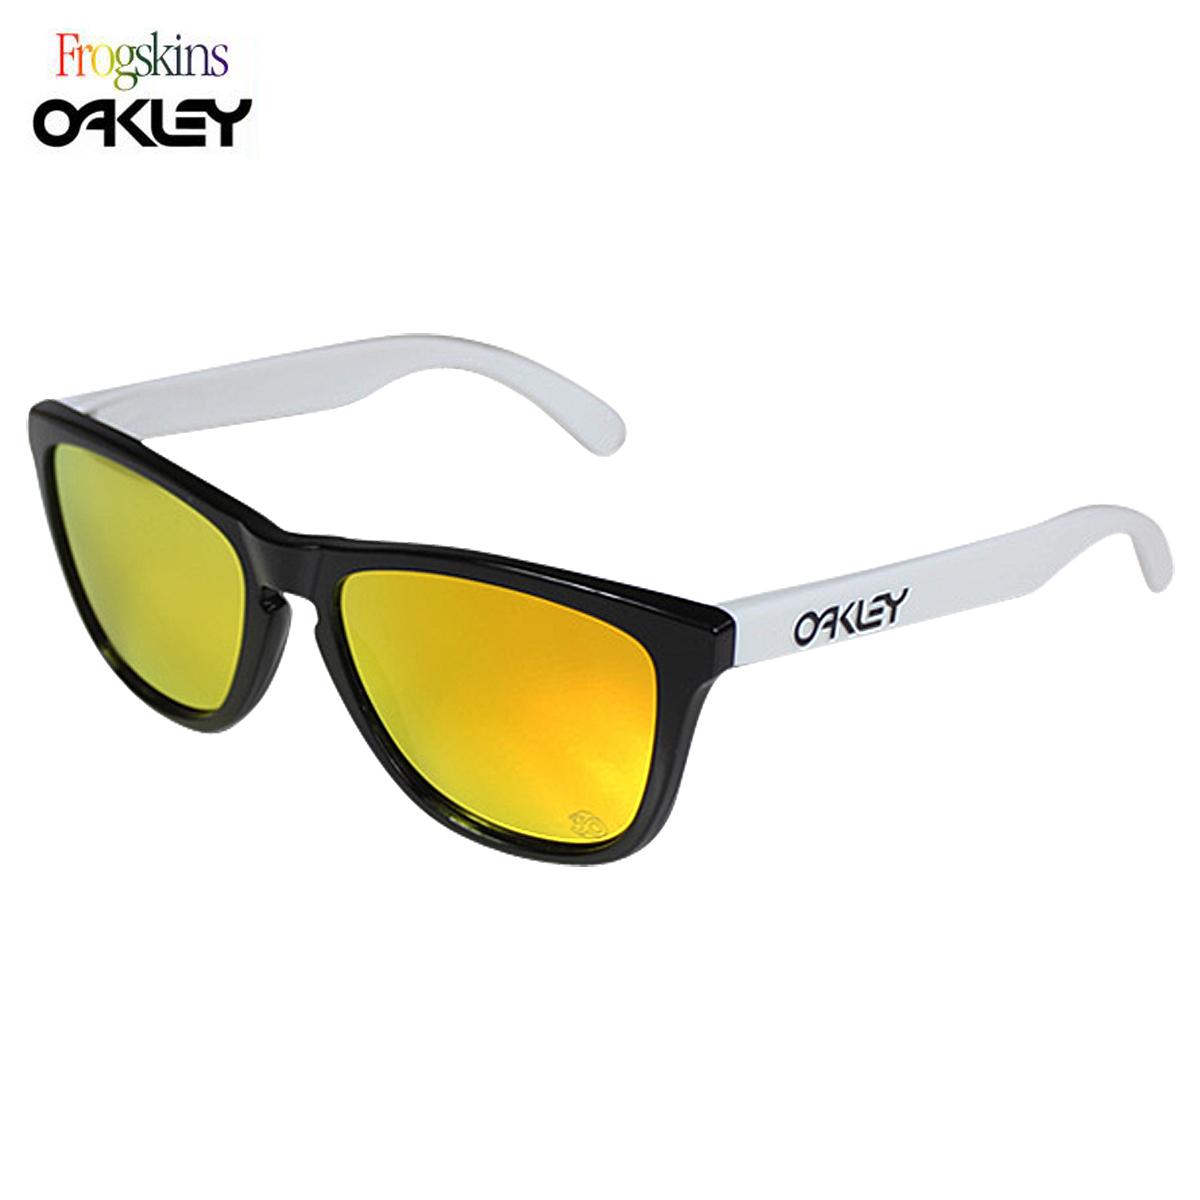 Oakley eyeshade heritage sunglasses |.